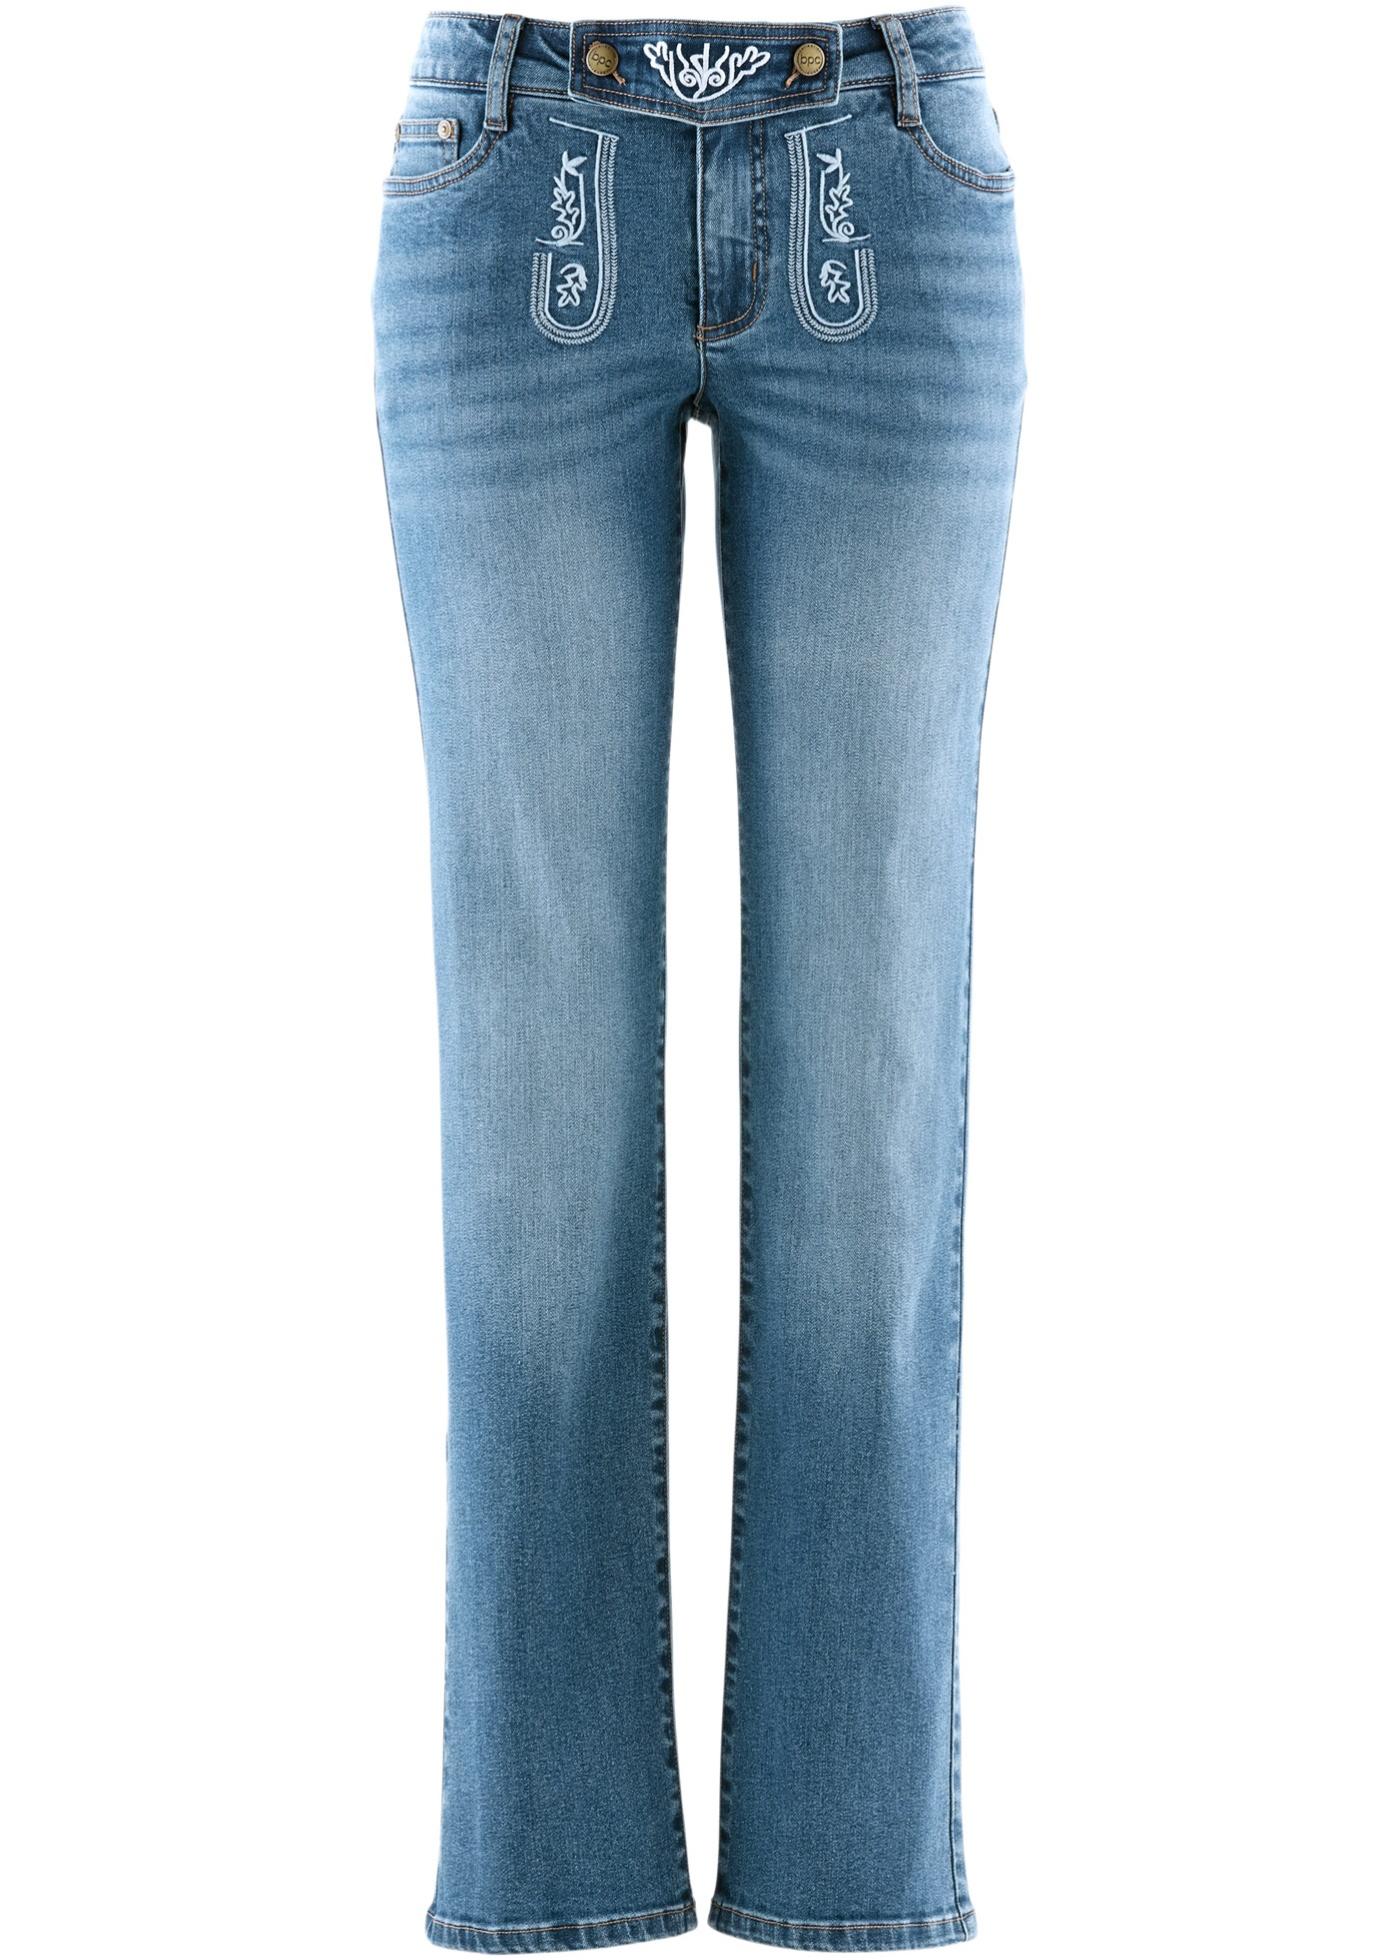 lila jeans preisvergleiche erfahrungsberichte und kauf. Black Bedroom Furniture Sets. Home Design Ideas